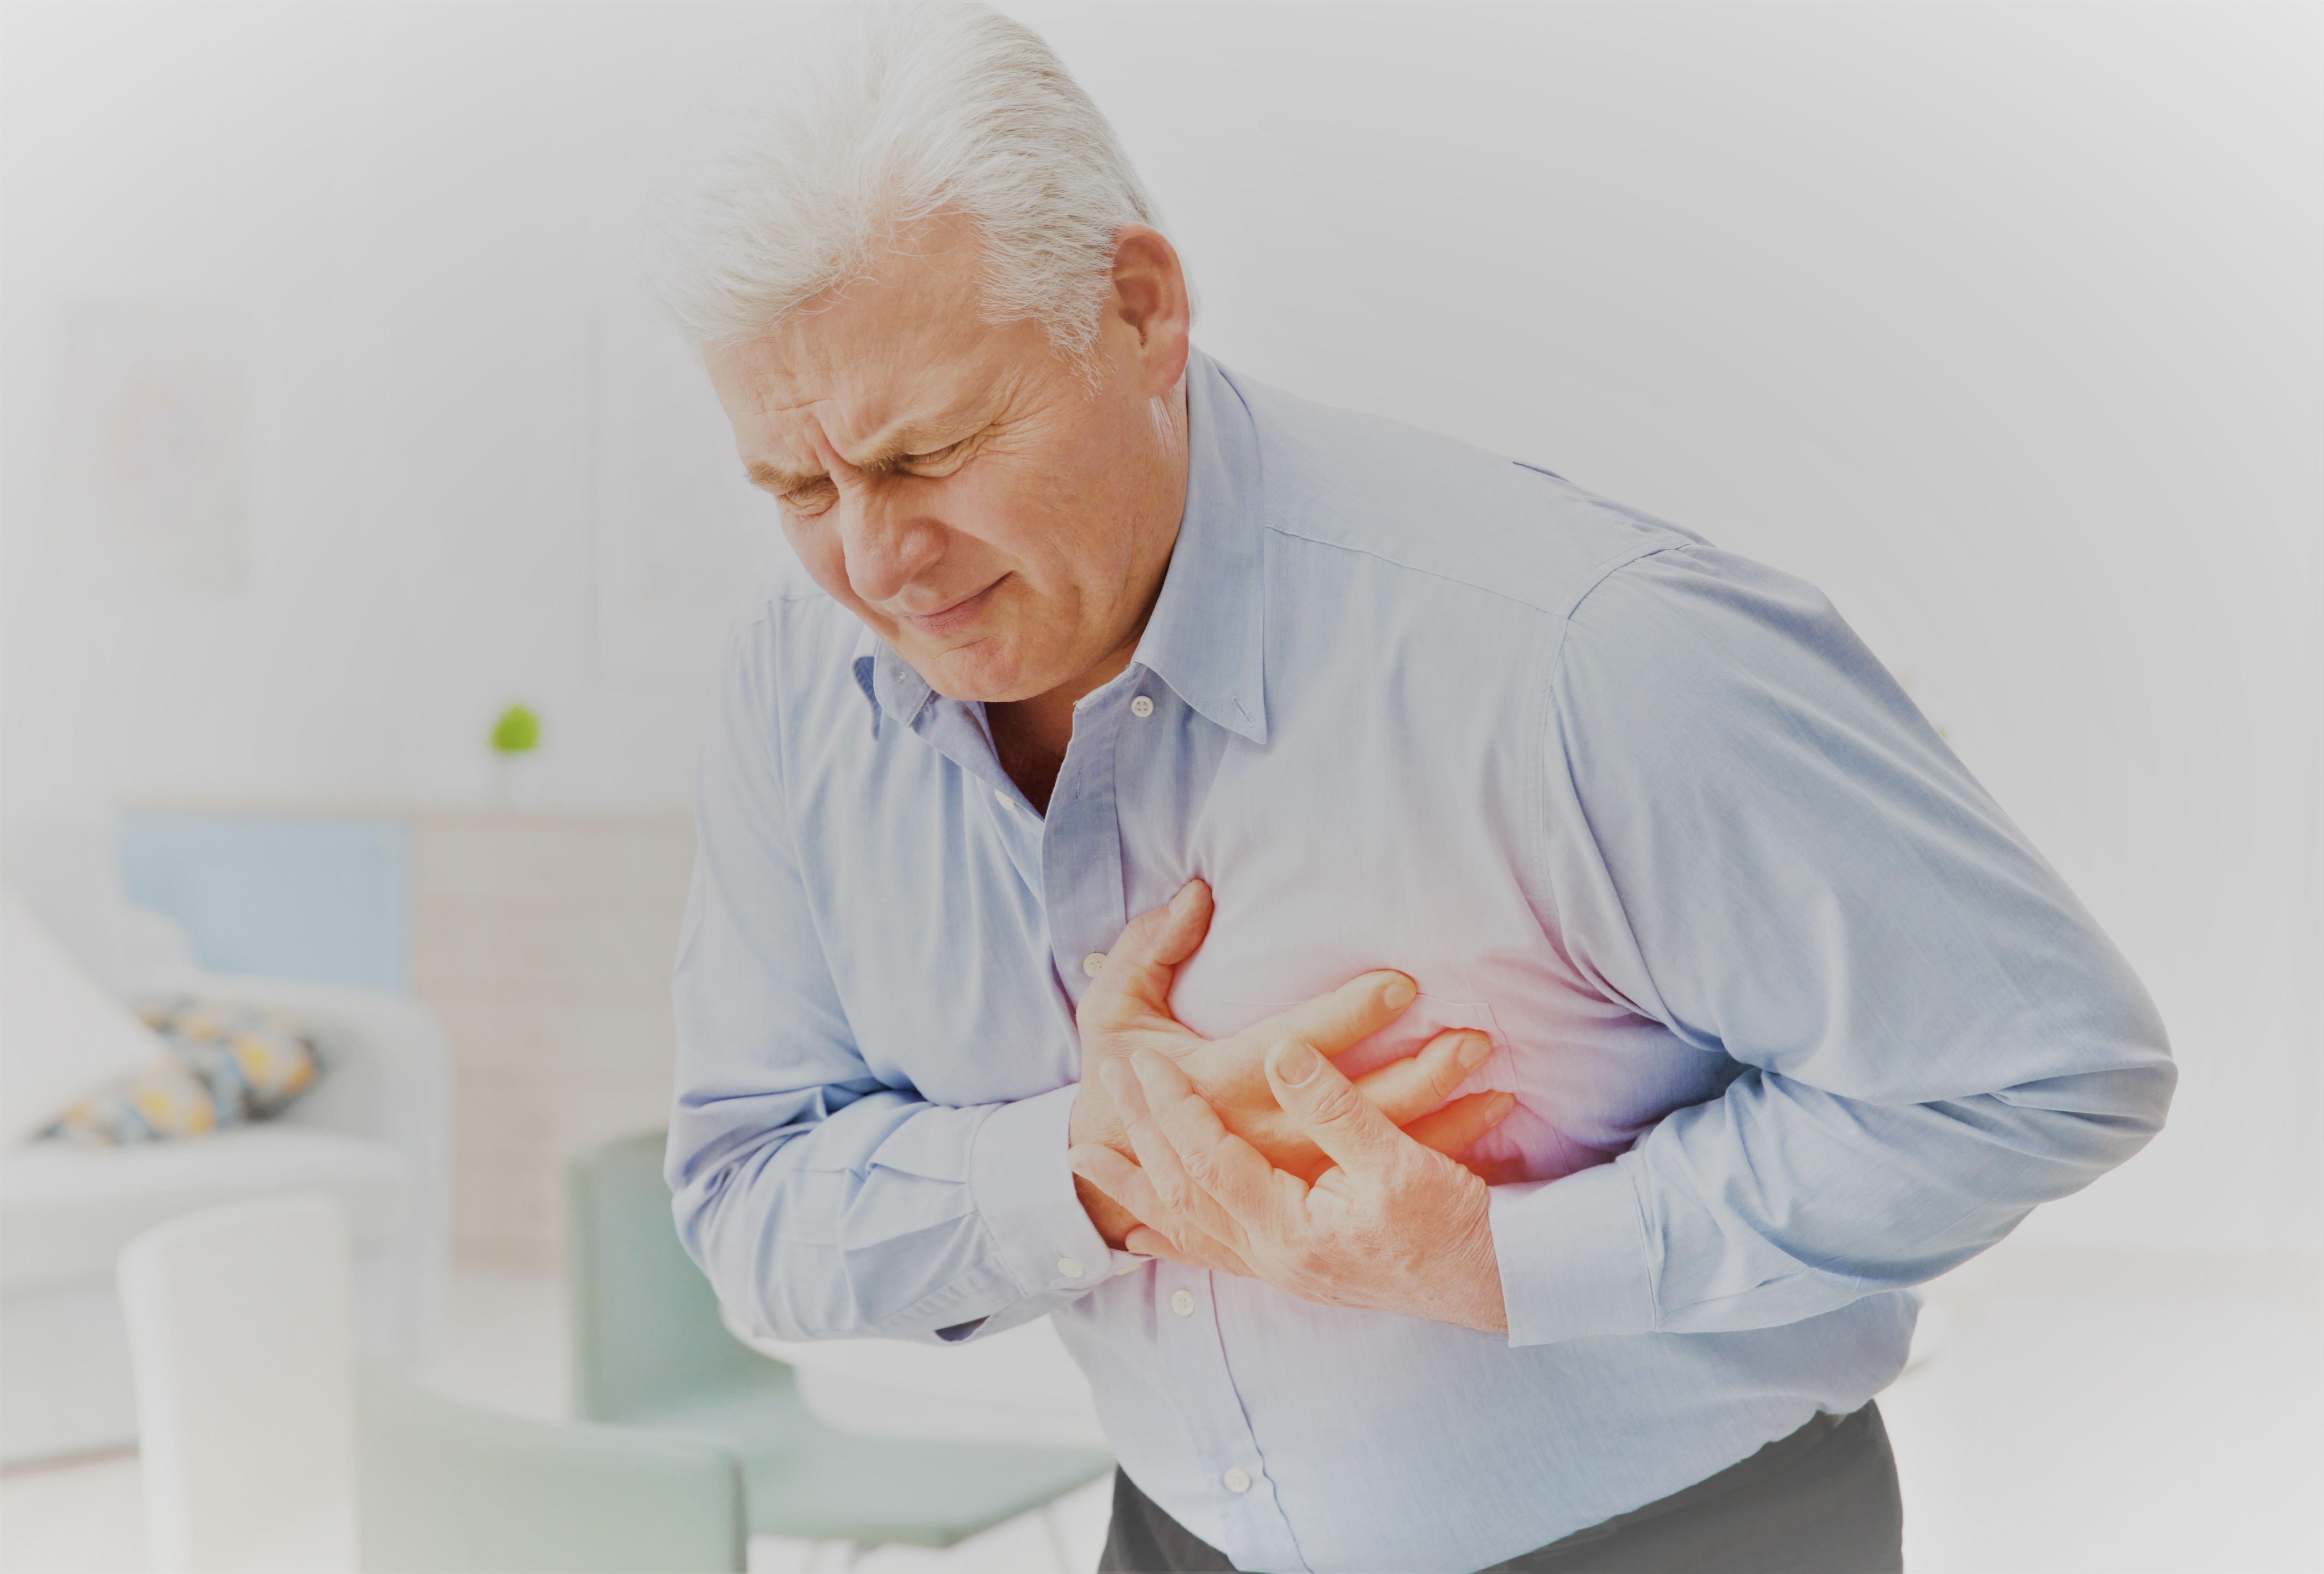 térdízület kezelés exudatív-proliferatív szinovitise